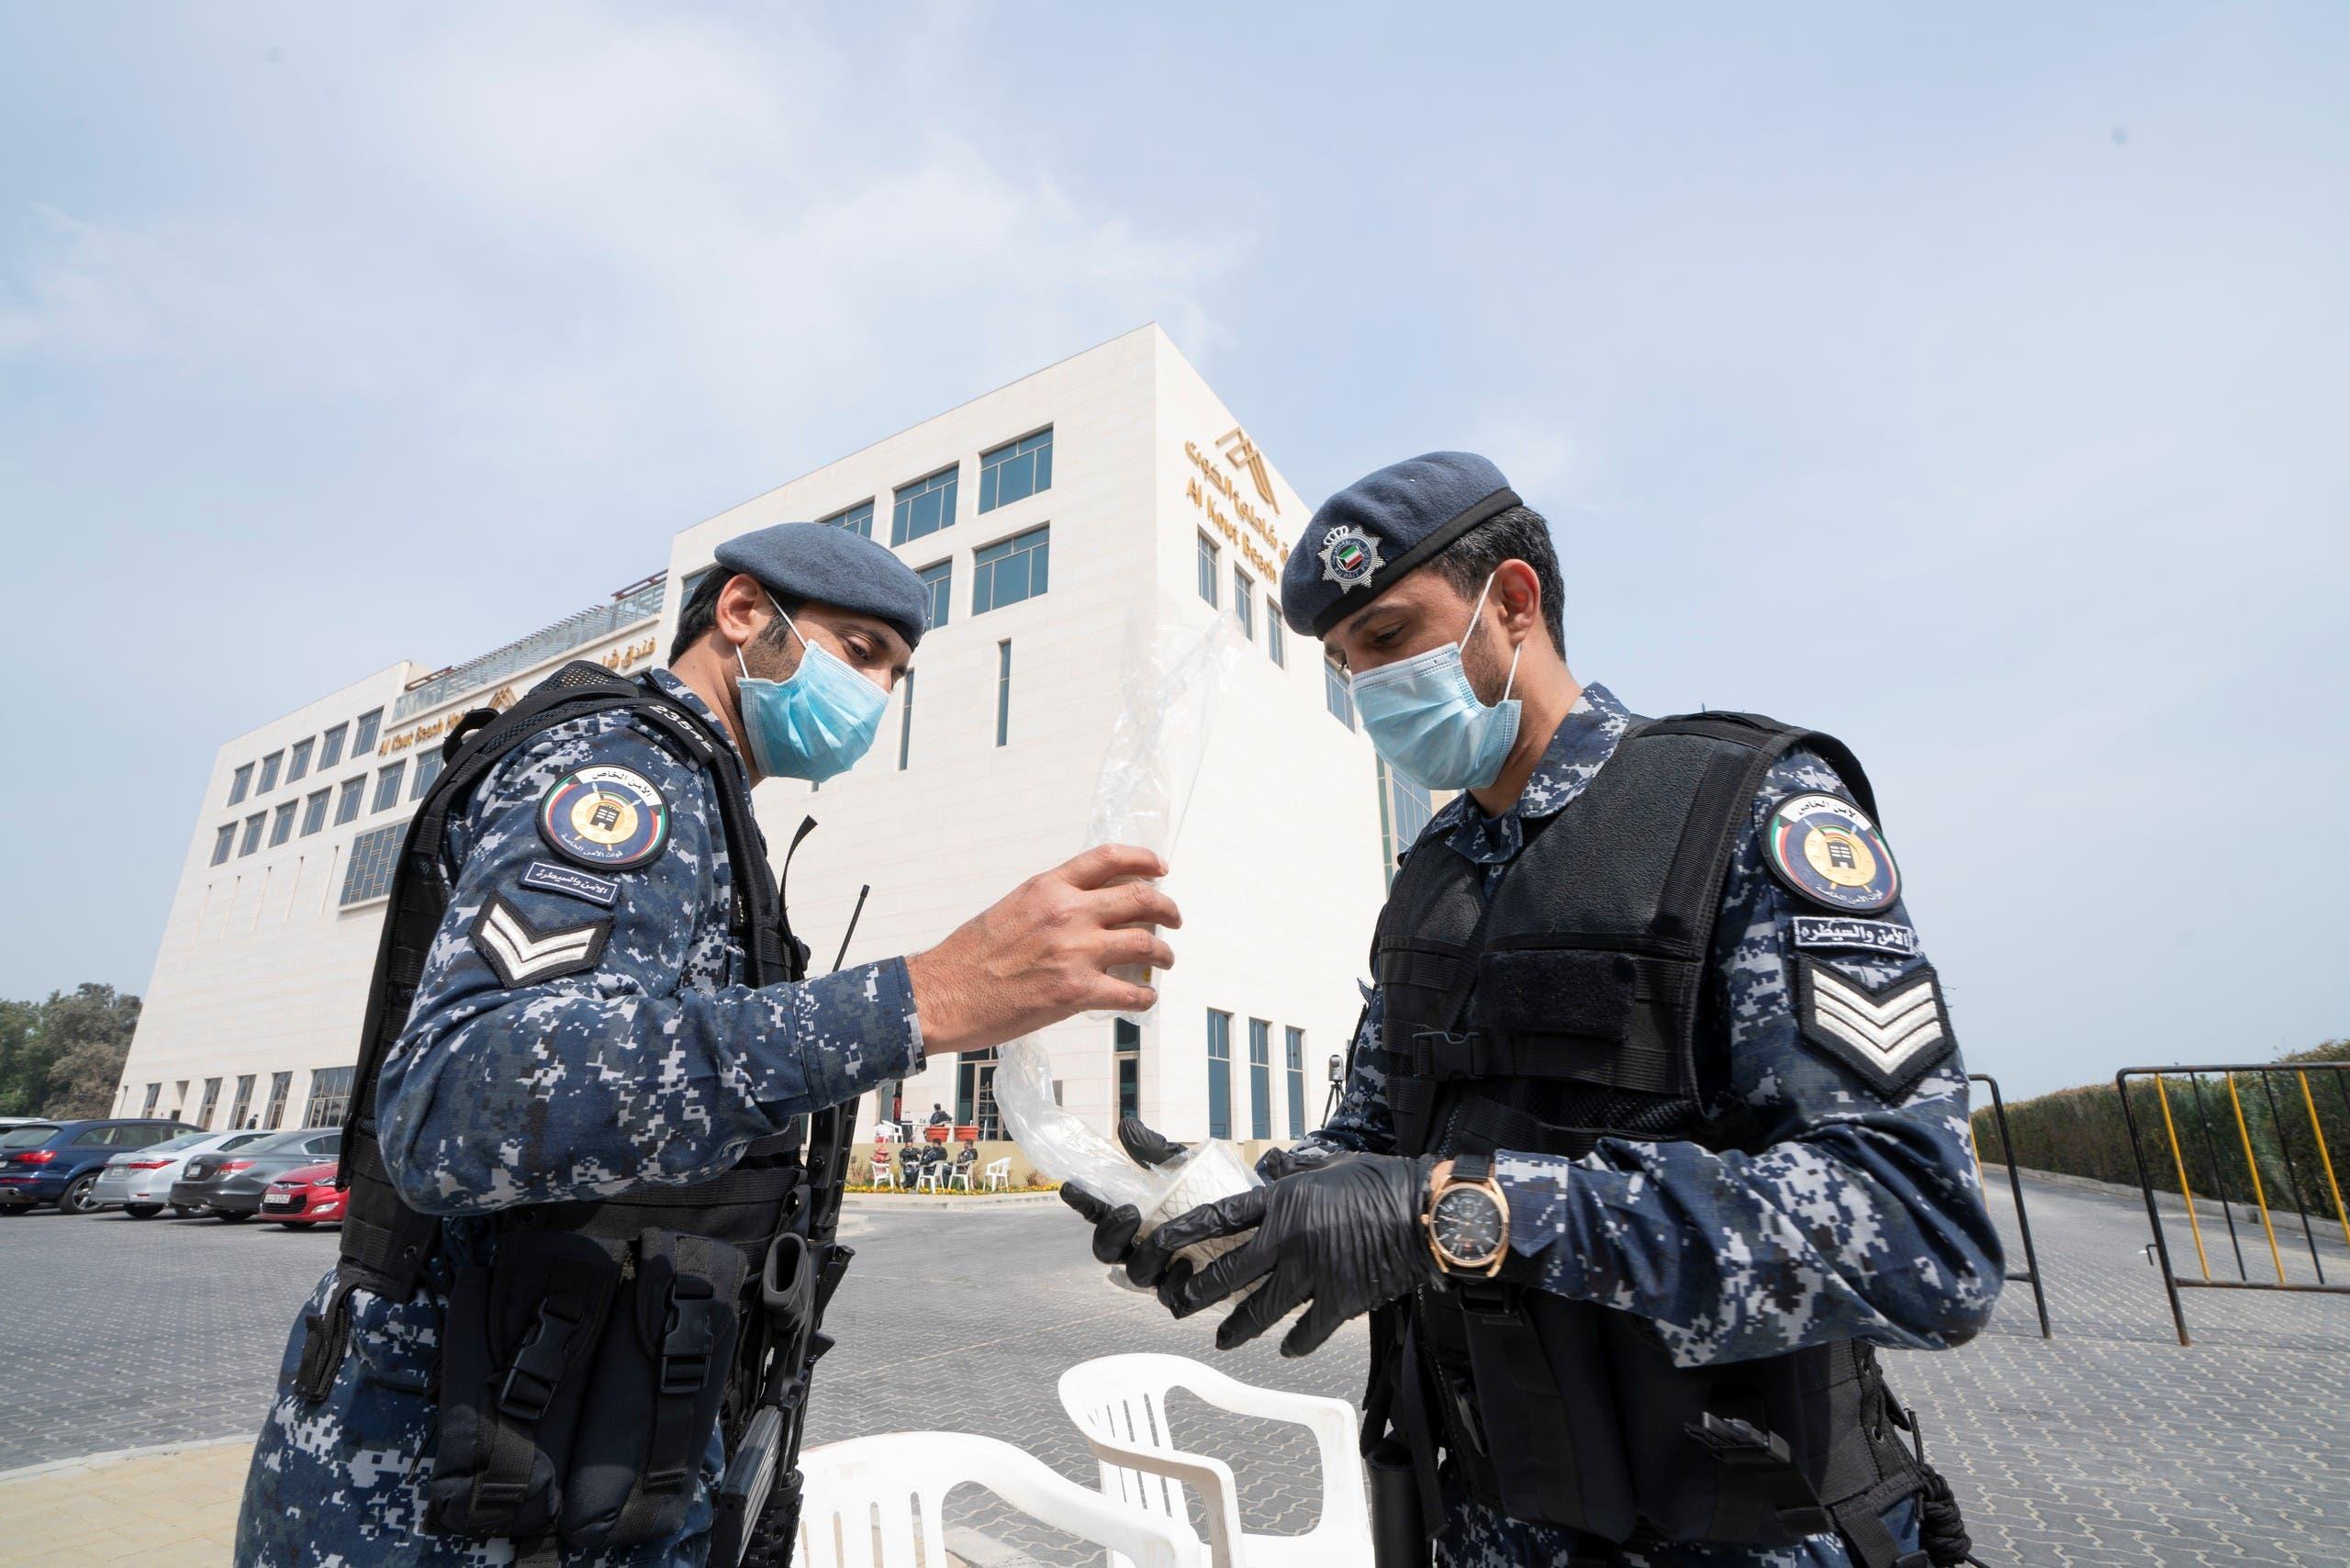 عناصر شرطة أمام فندق يقيم فيه أشخاص عائدون للكويت من إيران في إطار الحجر الصحي للتأكد من خلوهم من فيروس كورونا